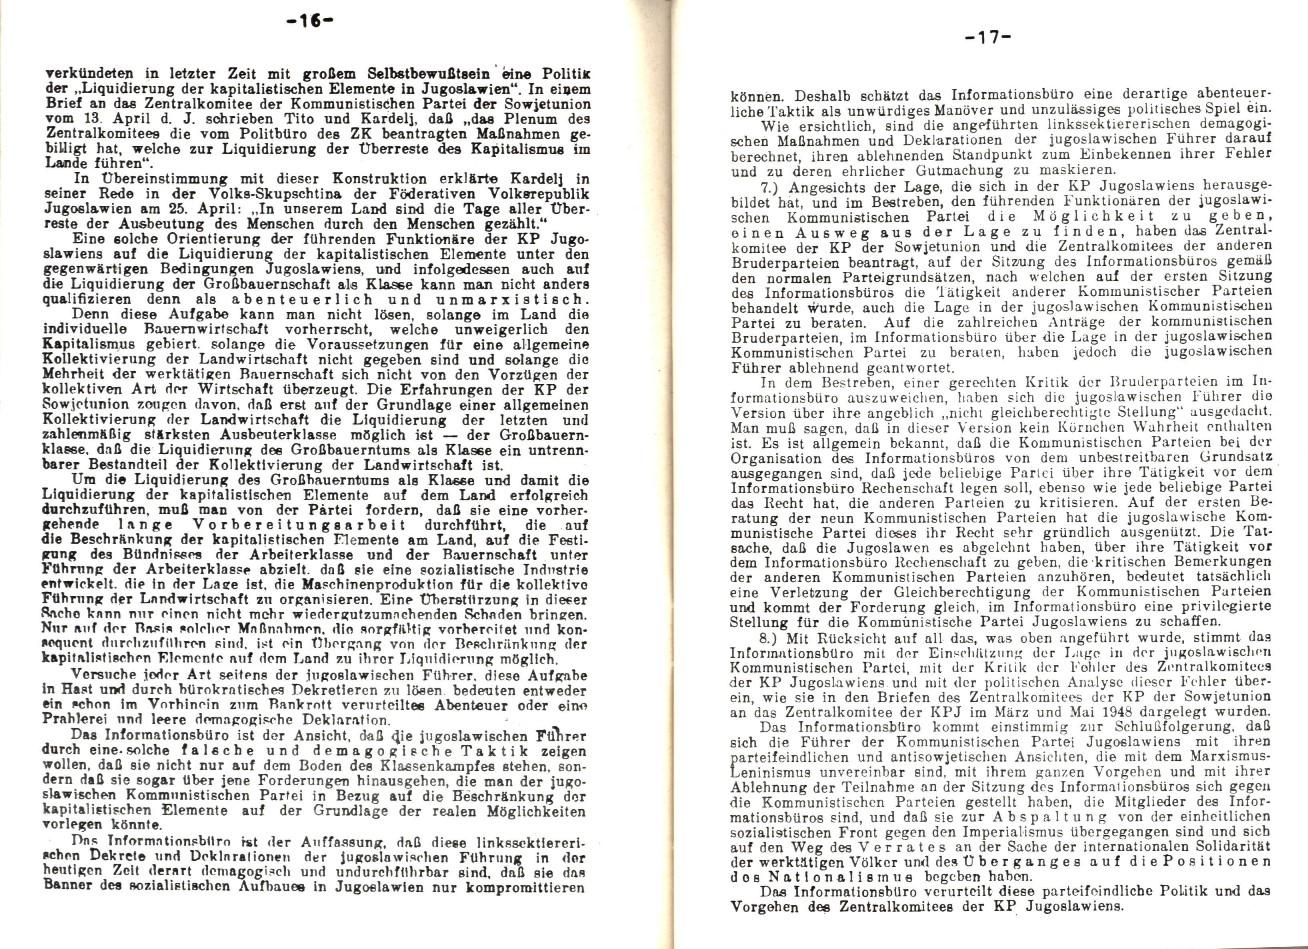 MLSK_Theorie_und_Praxis_des_ML_1979_24_10